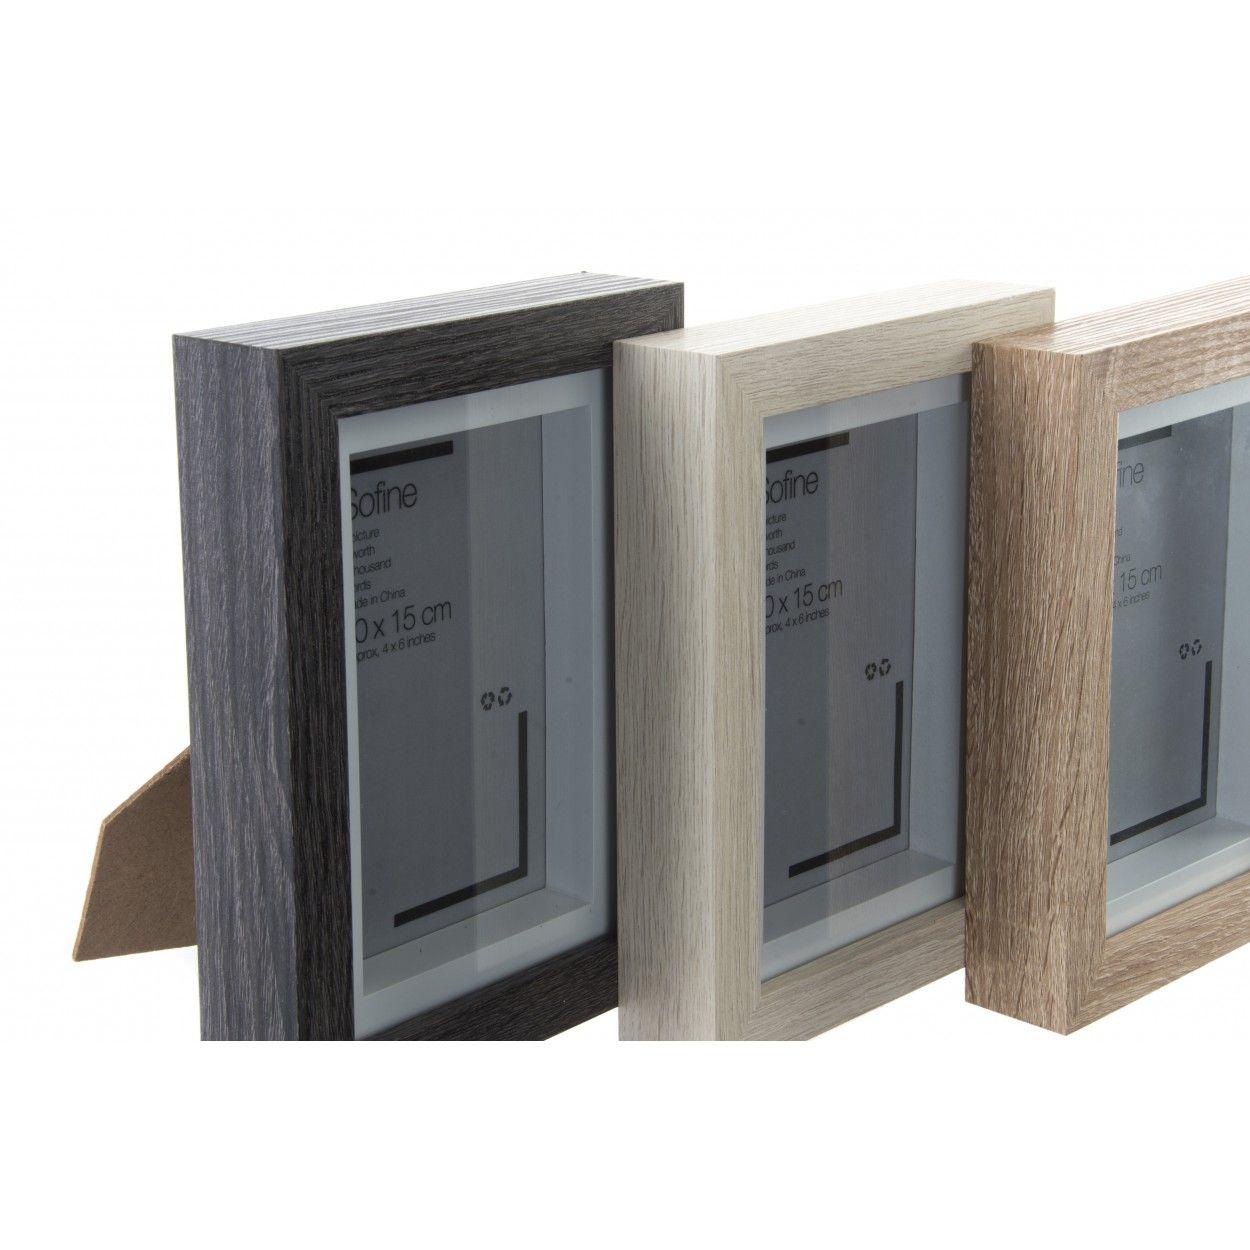 Comprar marcos de fotos de madera pequeños